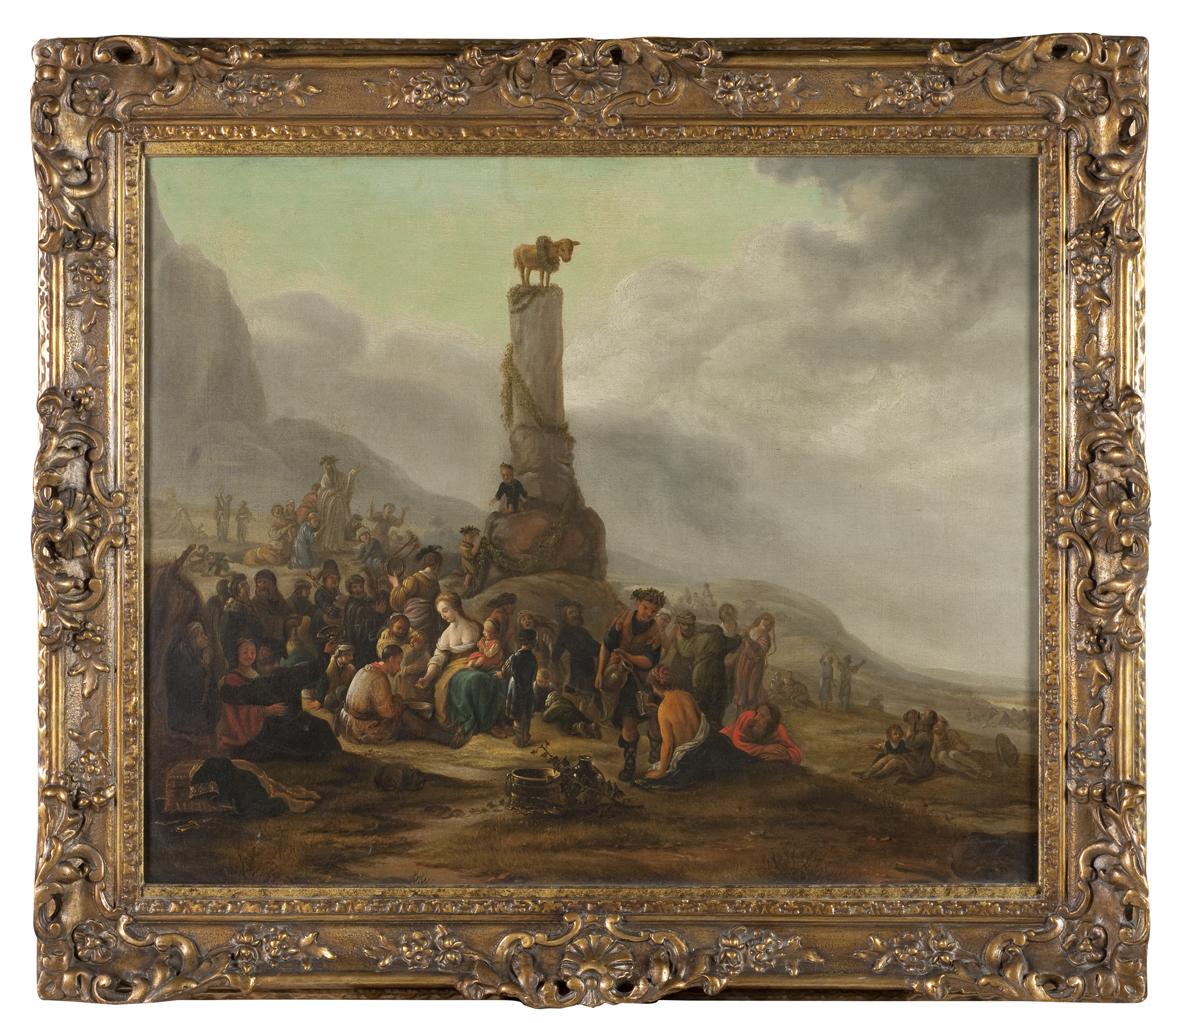 thumb2|Mosè ed il Vitello d'Oro Theodor Helmbreker '600